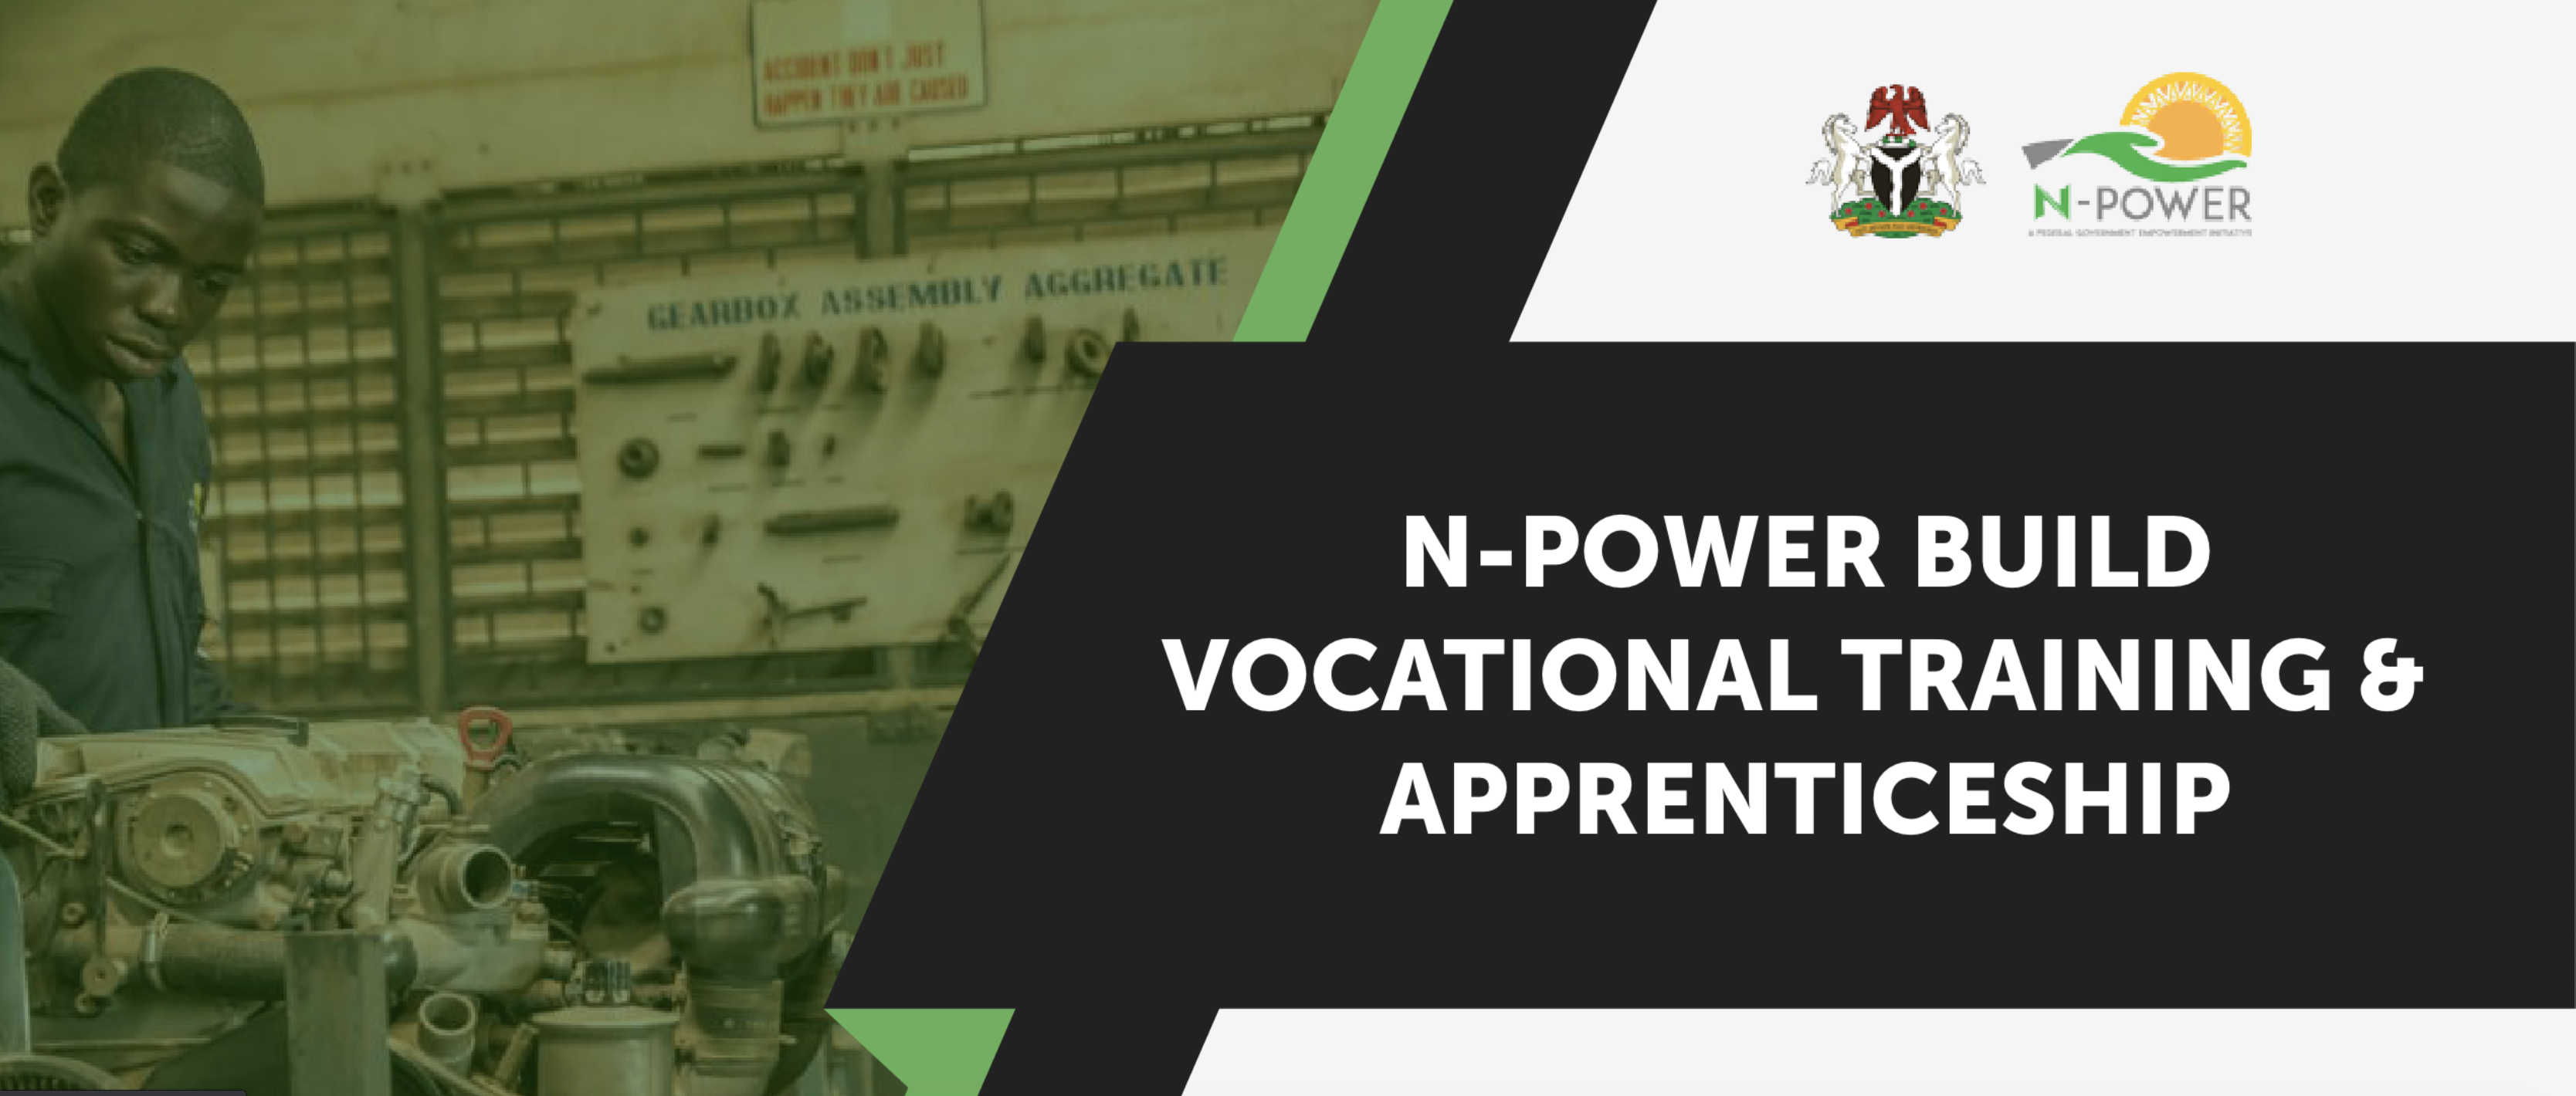 N-power Teach Vacant Positions